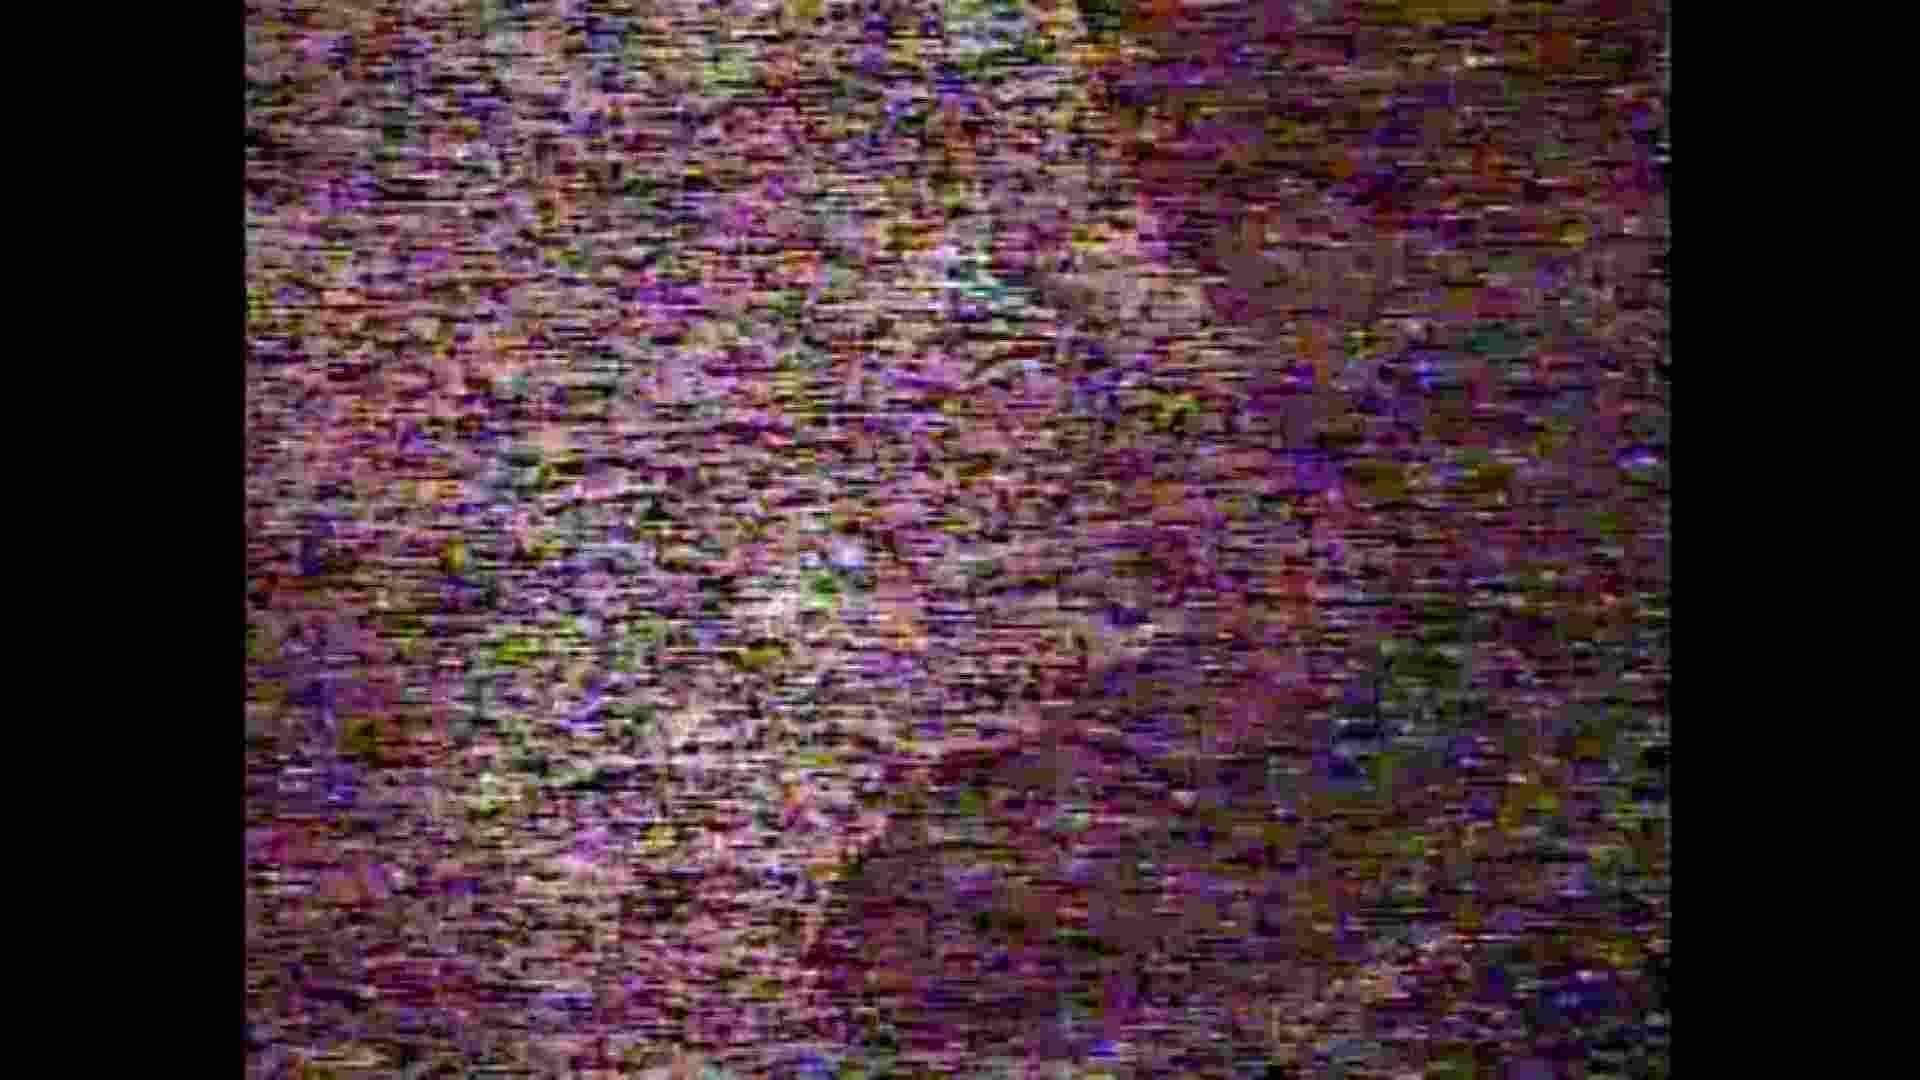 レース場での秘め事 Vol.05 潜入 のぞき動画キャプチャ 80pic 52